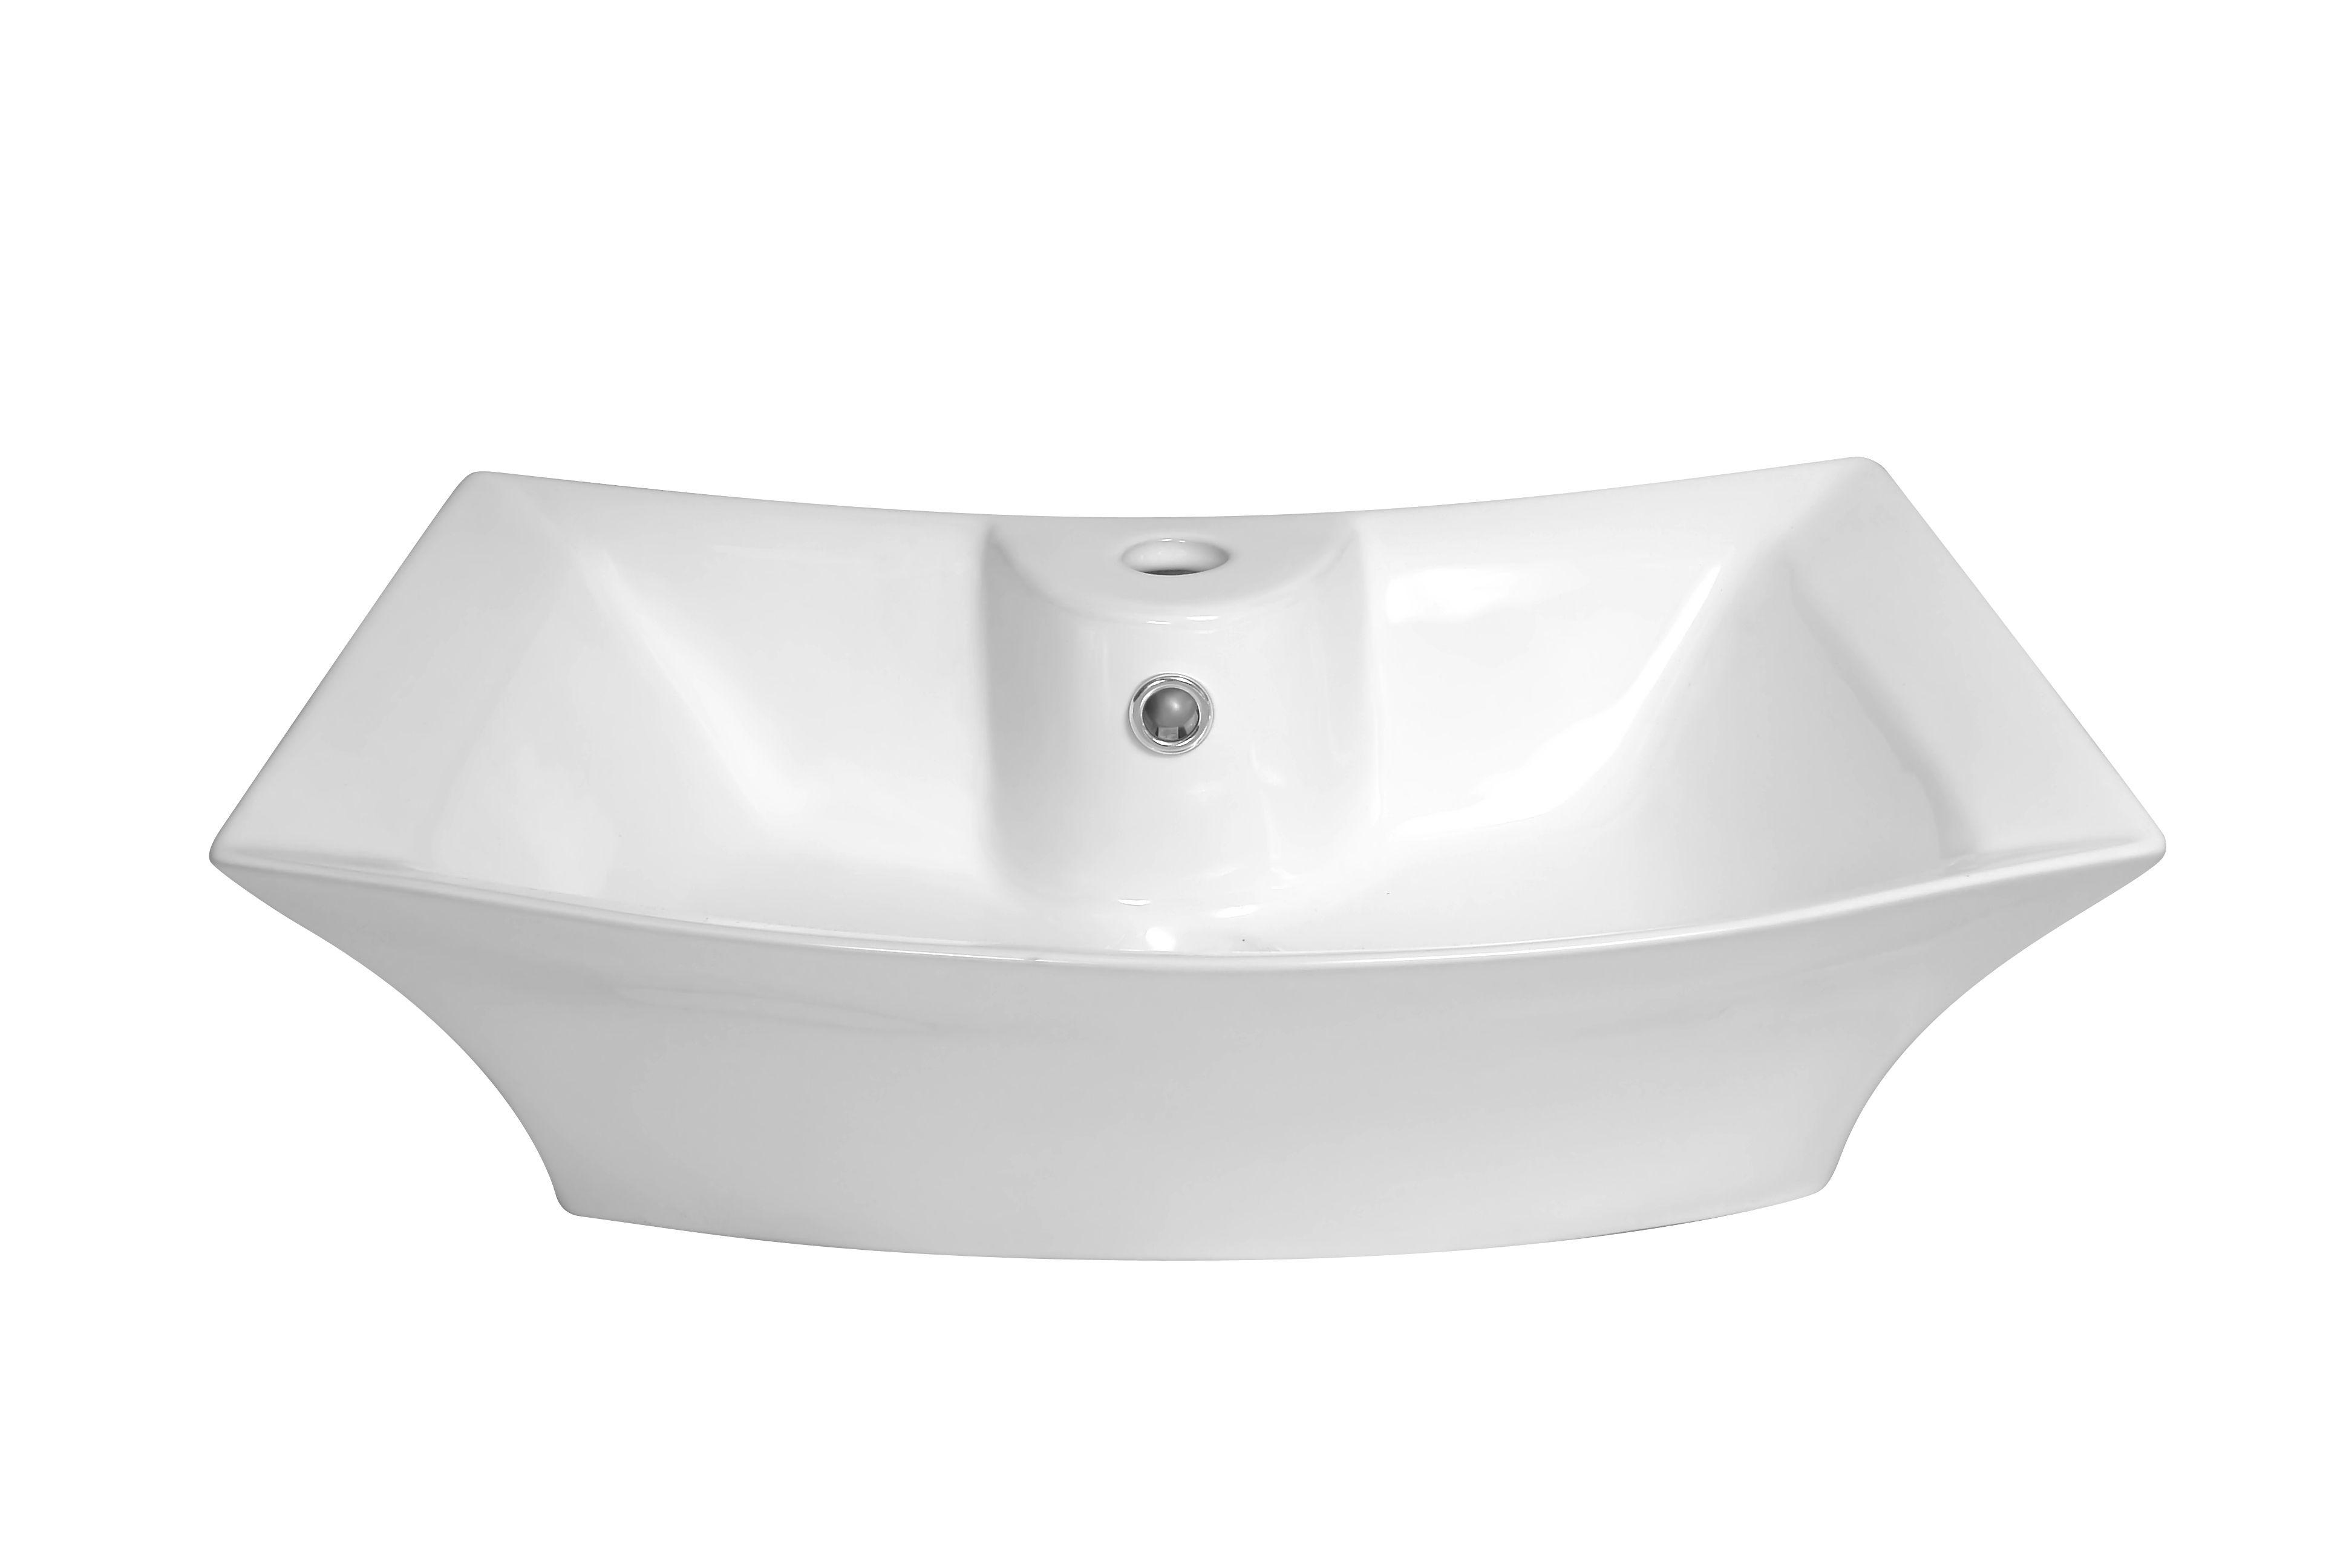 Badkamer Wasbak Opbouw : Uniek wastafel rond opbouw badkamermeubels ontwerpen 2017